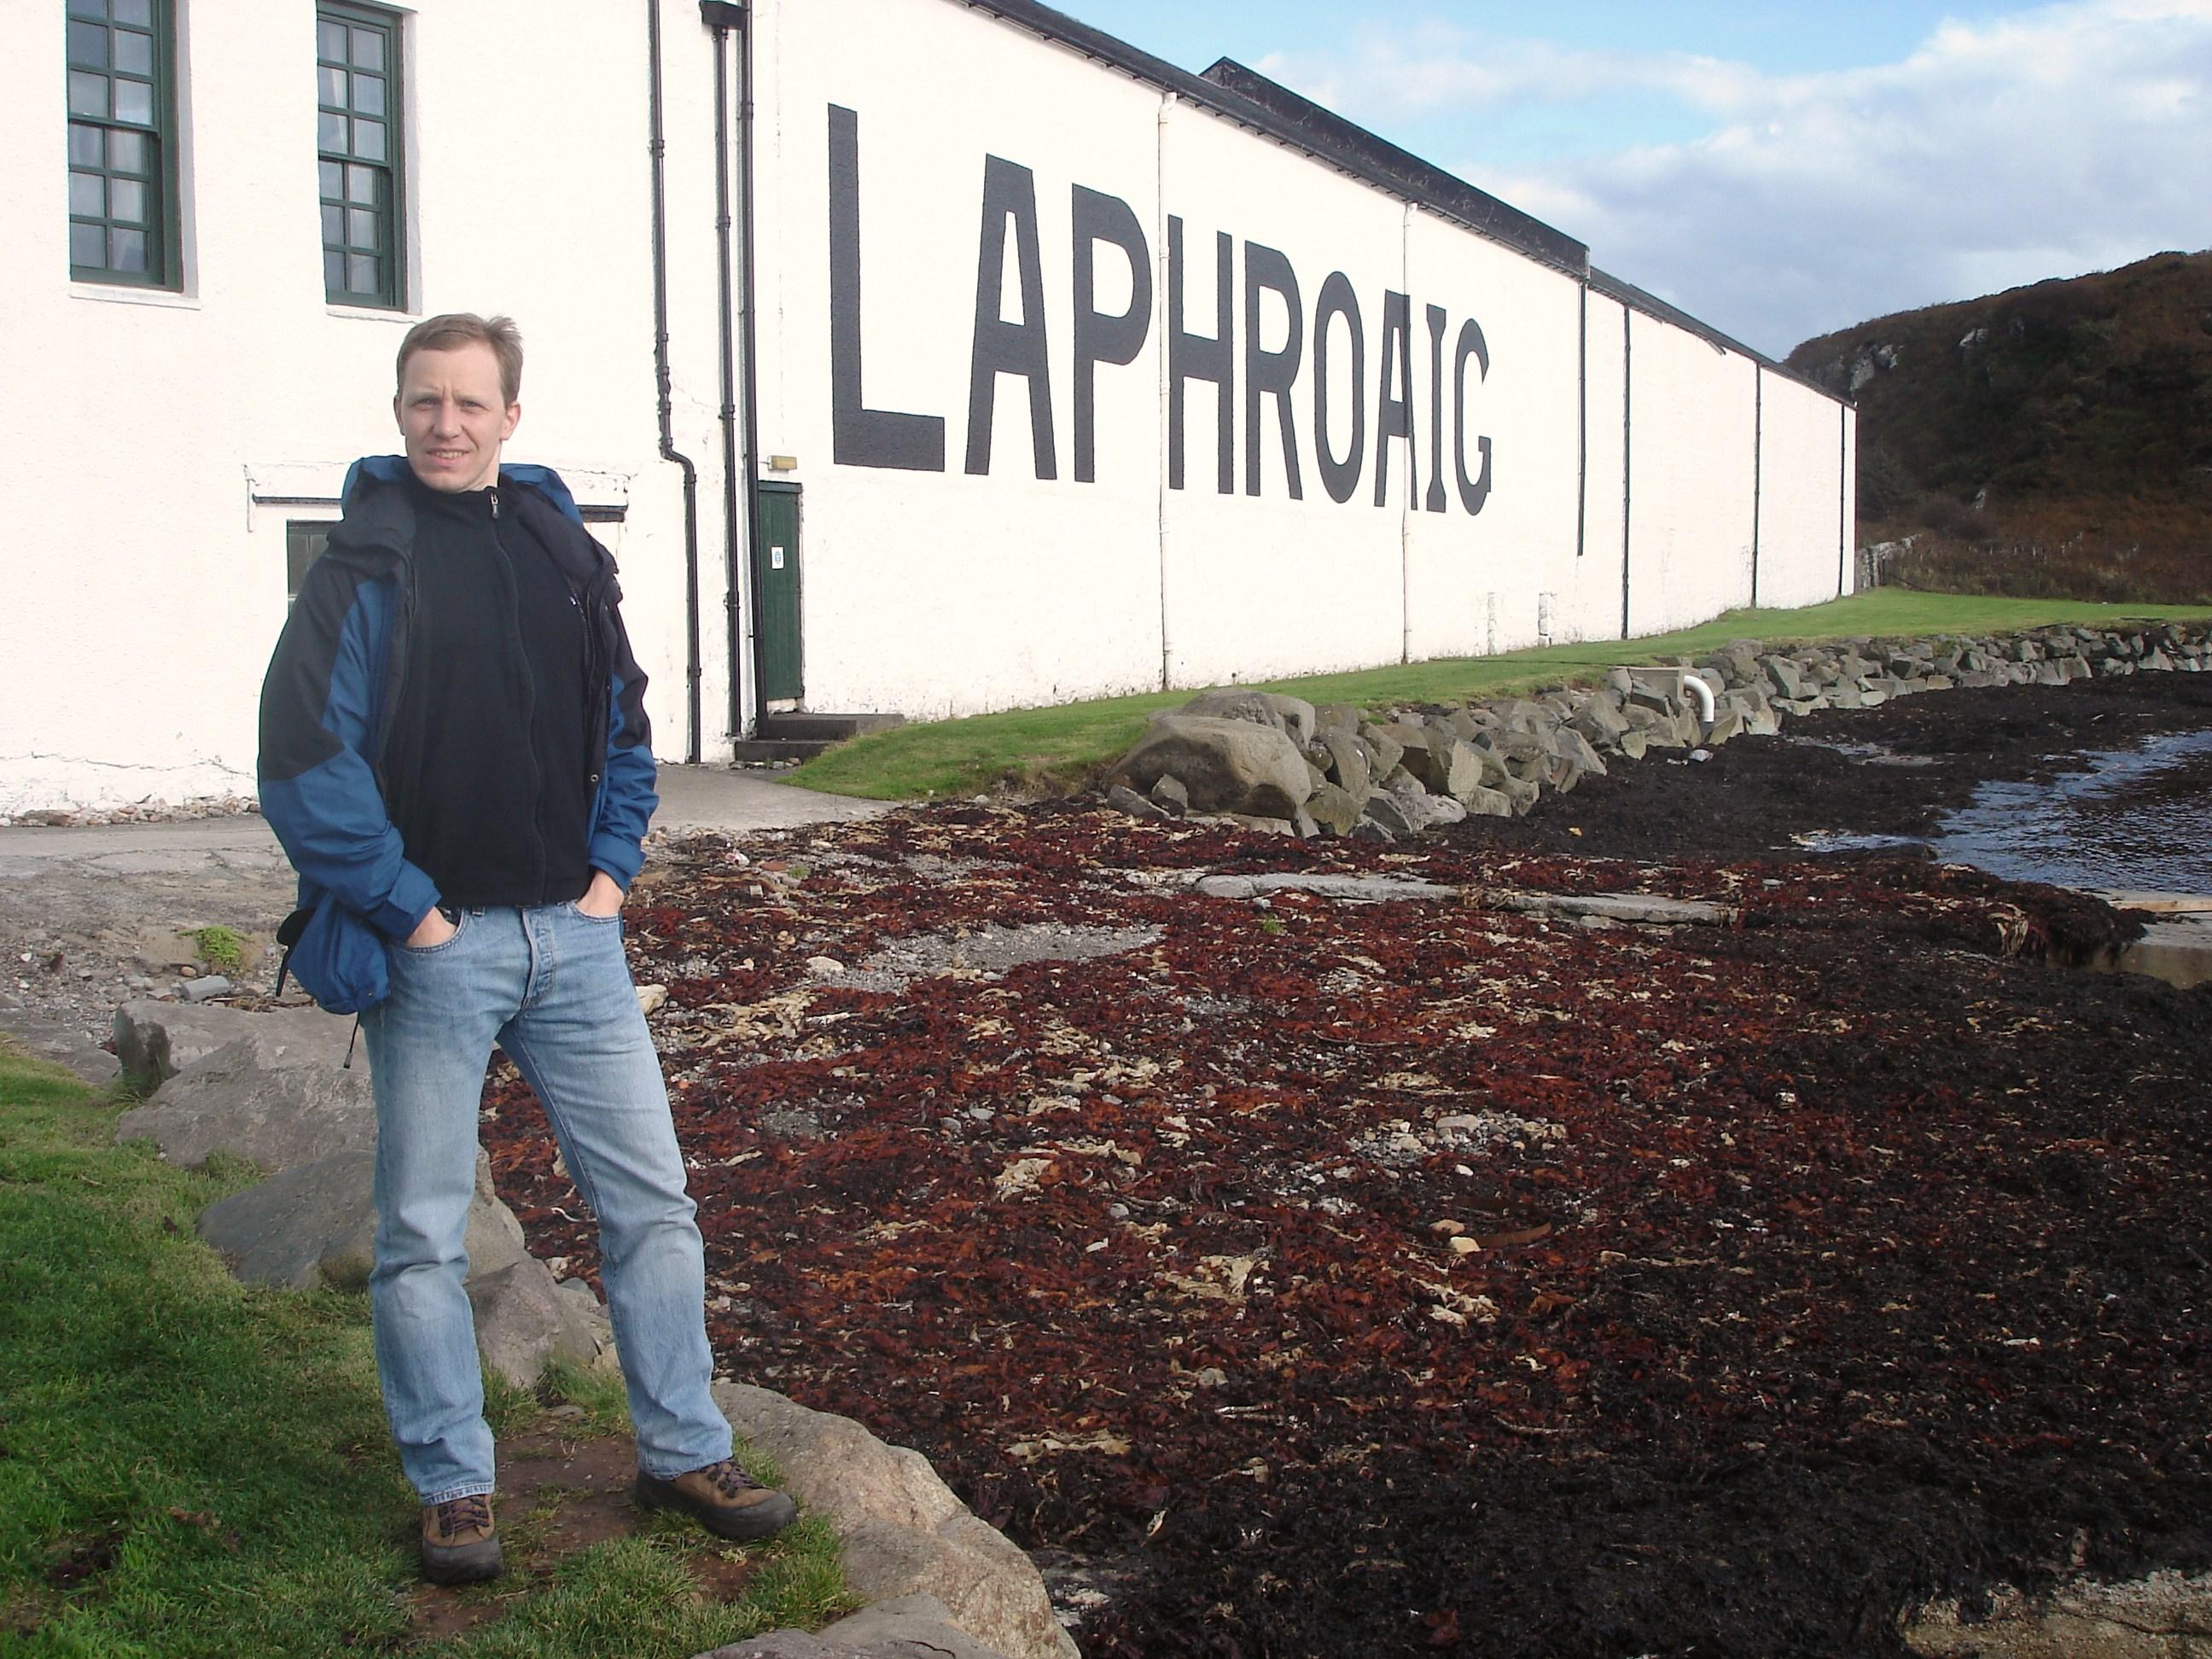 Stephan vor der Laphroig Destillerie